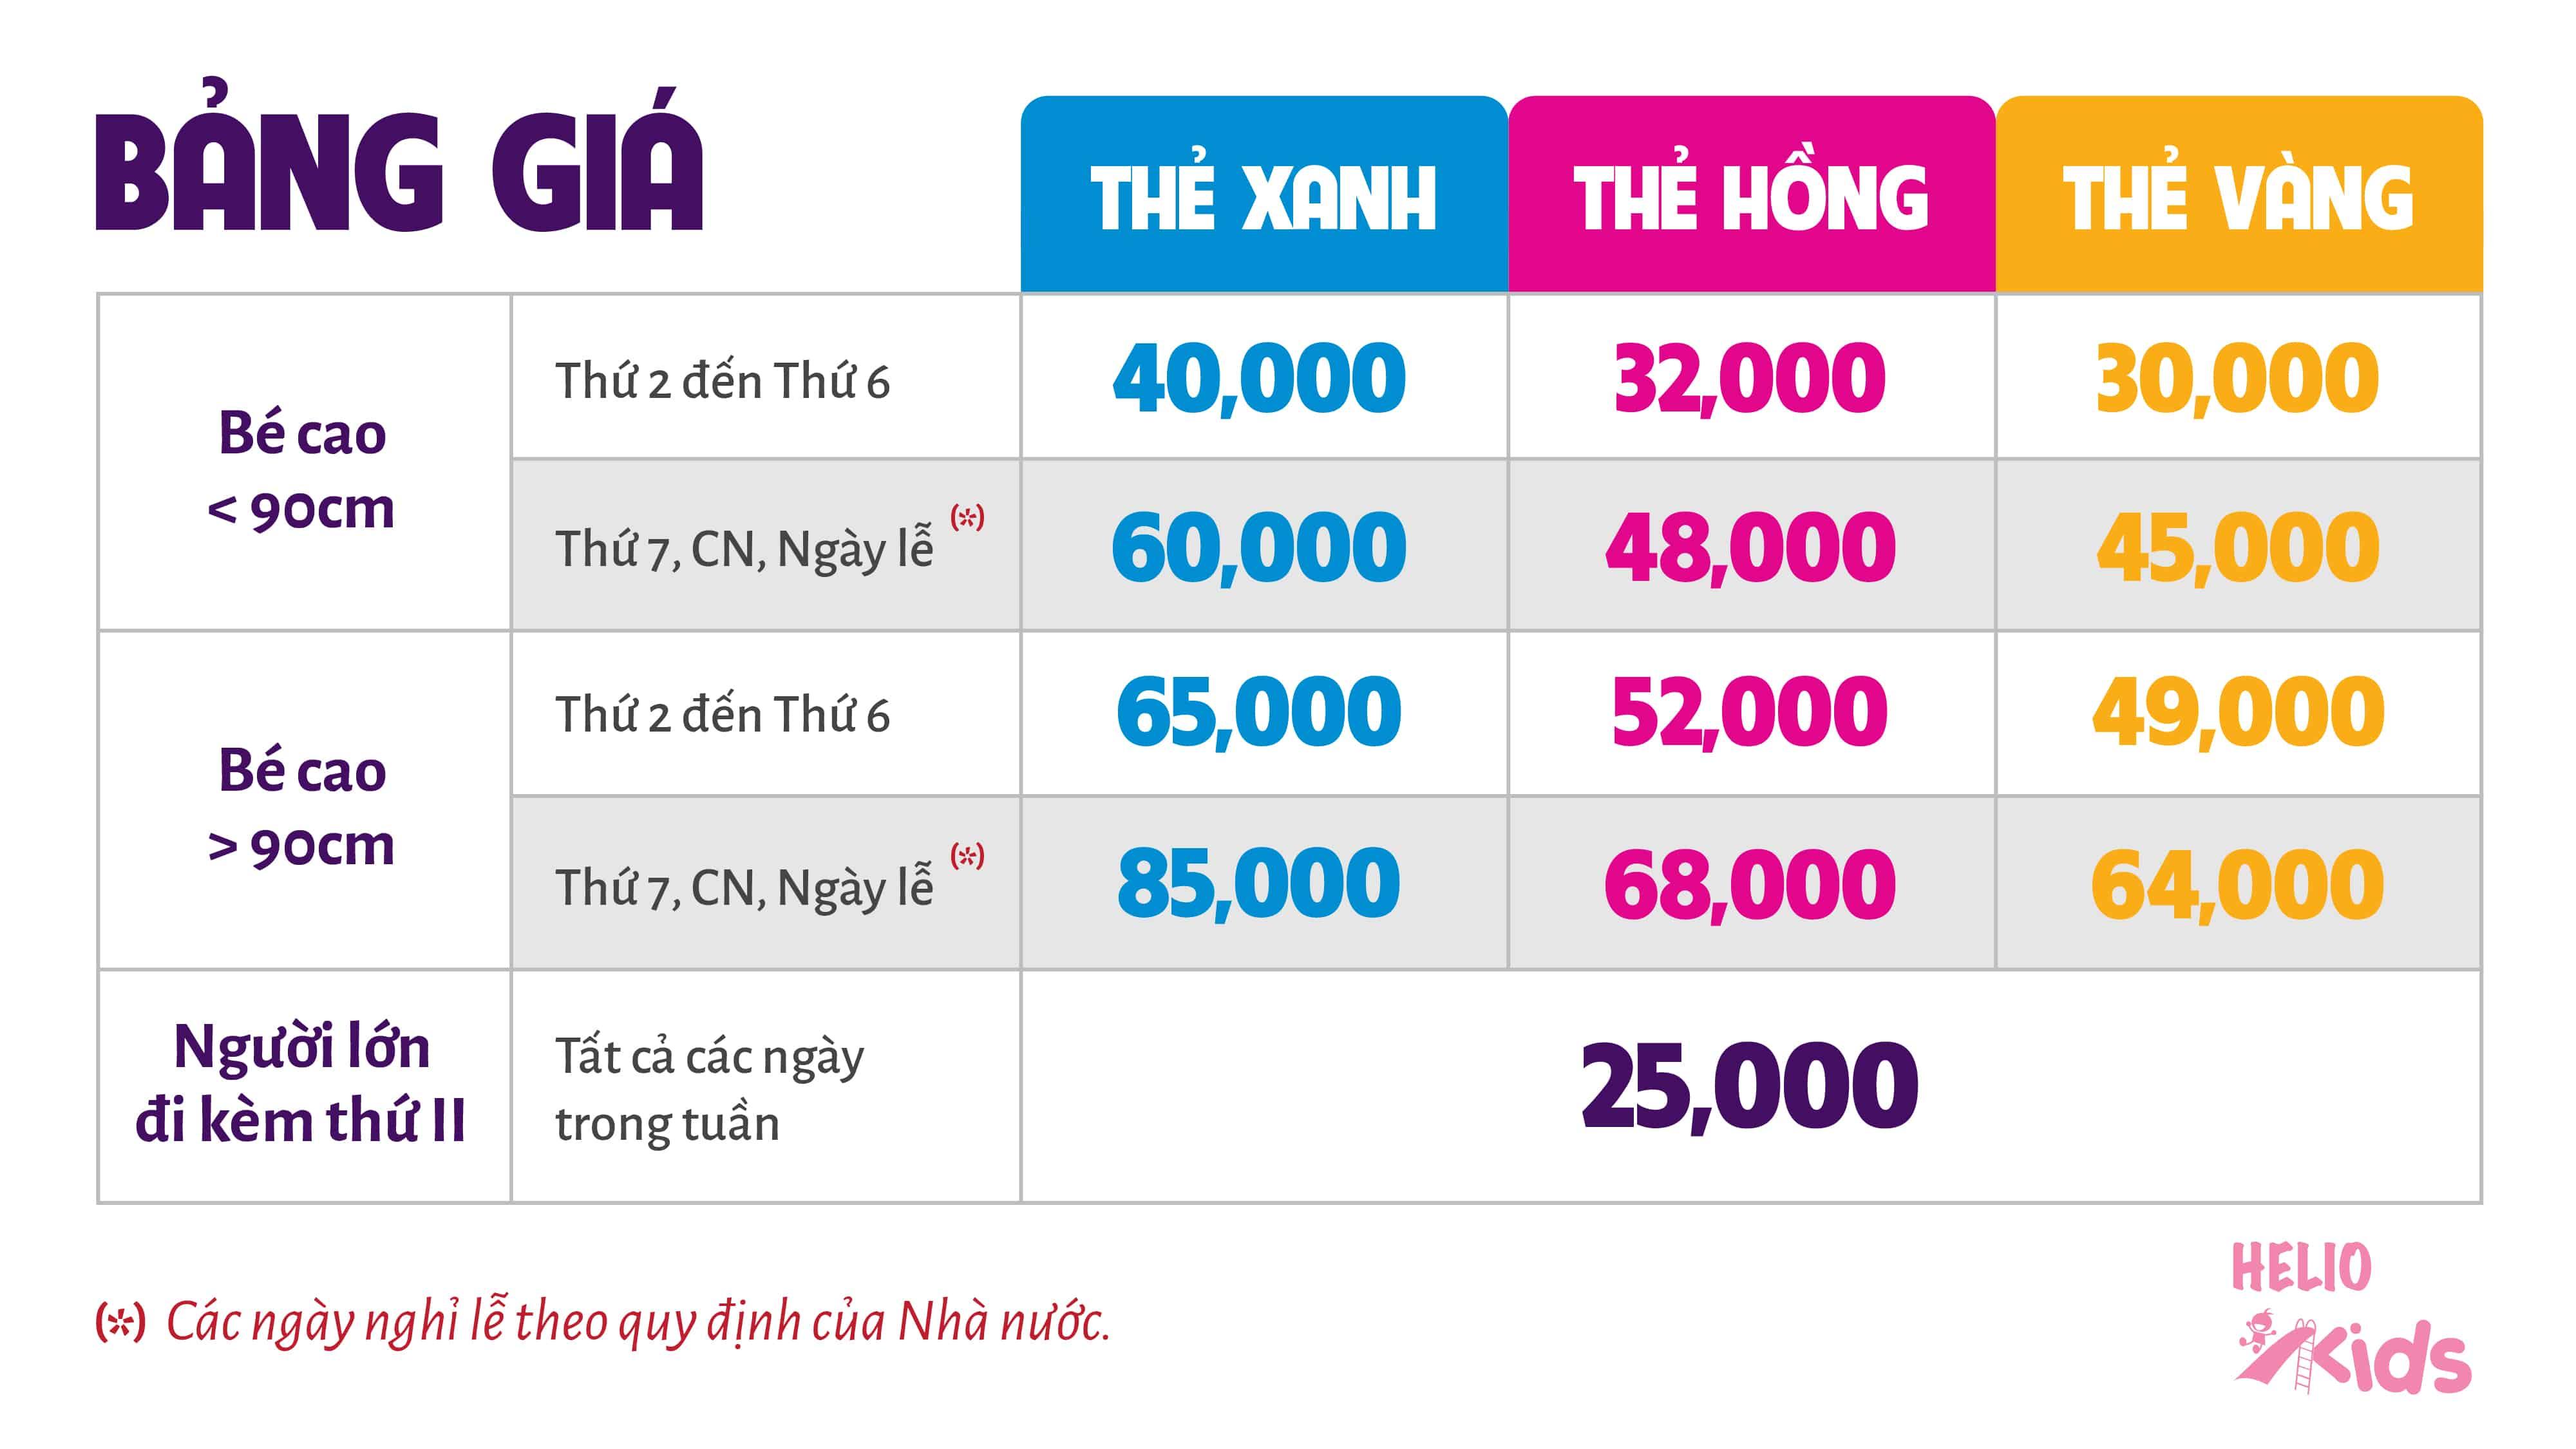 Các khu vui chơi hấp dẫn cho trẻ em tại Đà Nẵng tới là mê. Tới Đà Nẵng nên dẫn trẻ con đi đâu? Địa chỉ khu vui chơi cho trẻ ở ĐN.